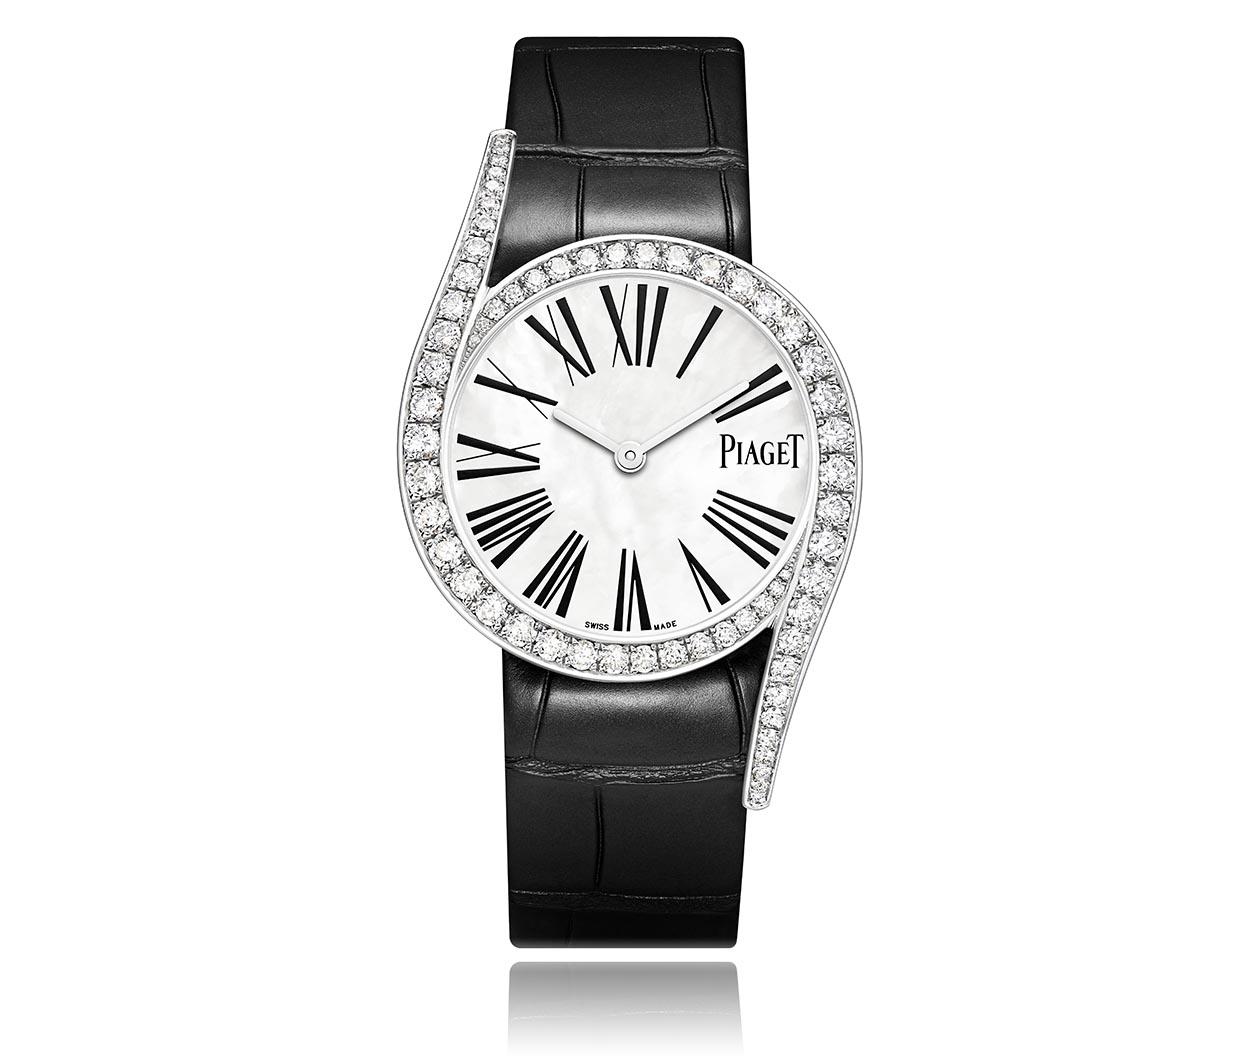 Piaget Limelight watch G0A43390 Carousel 1 FINAL